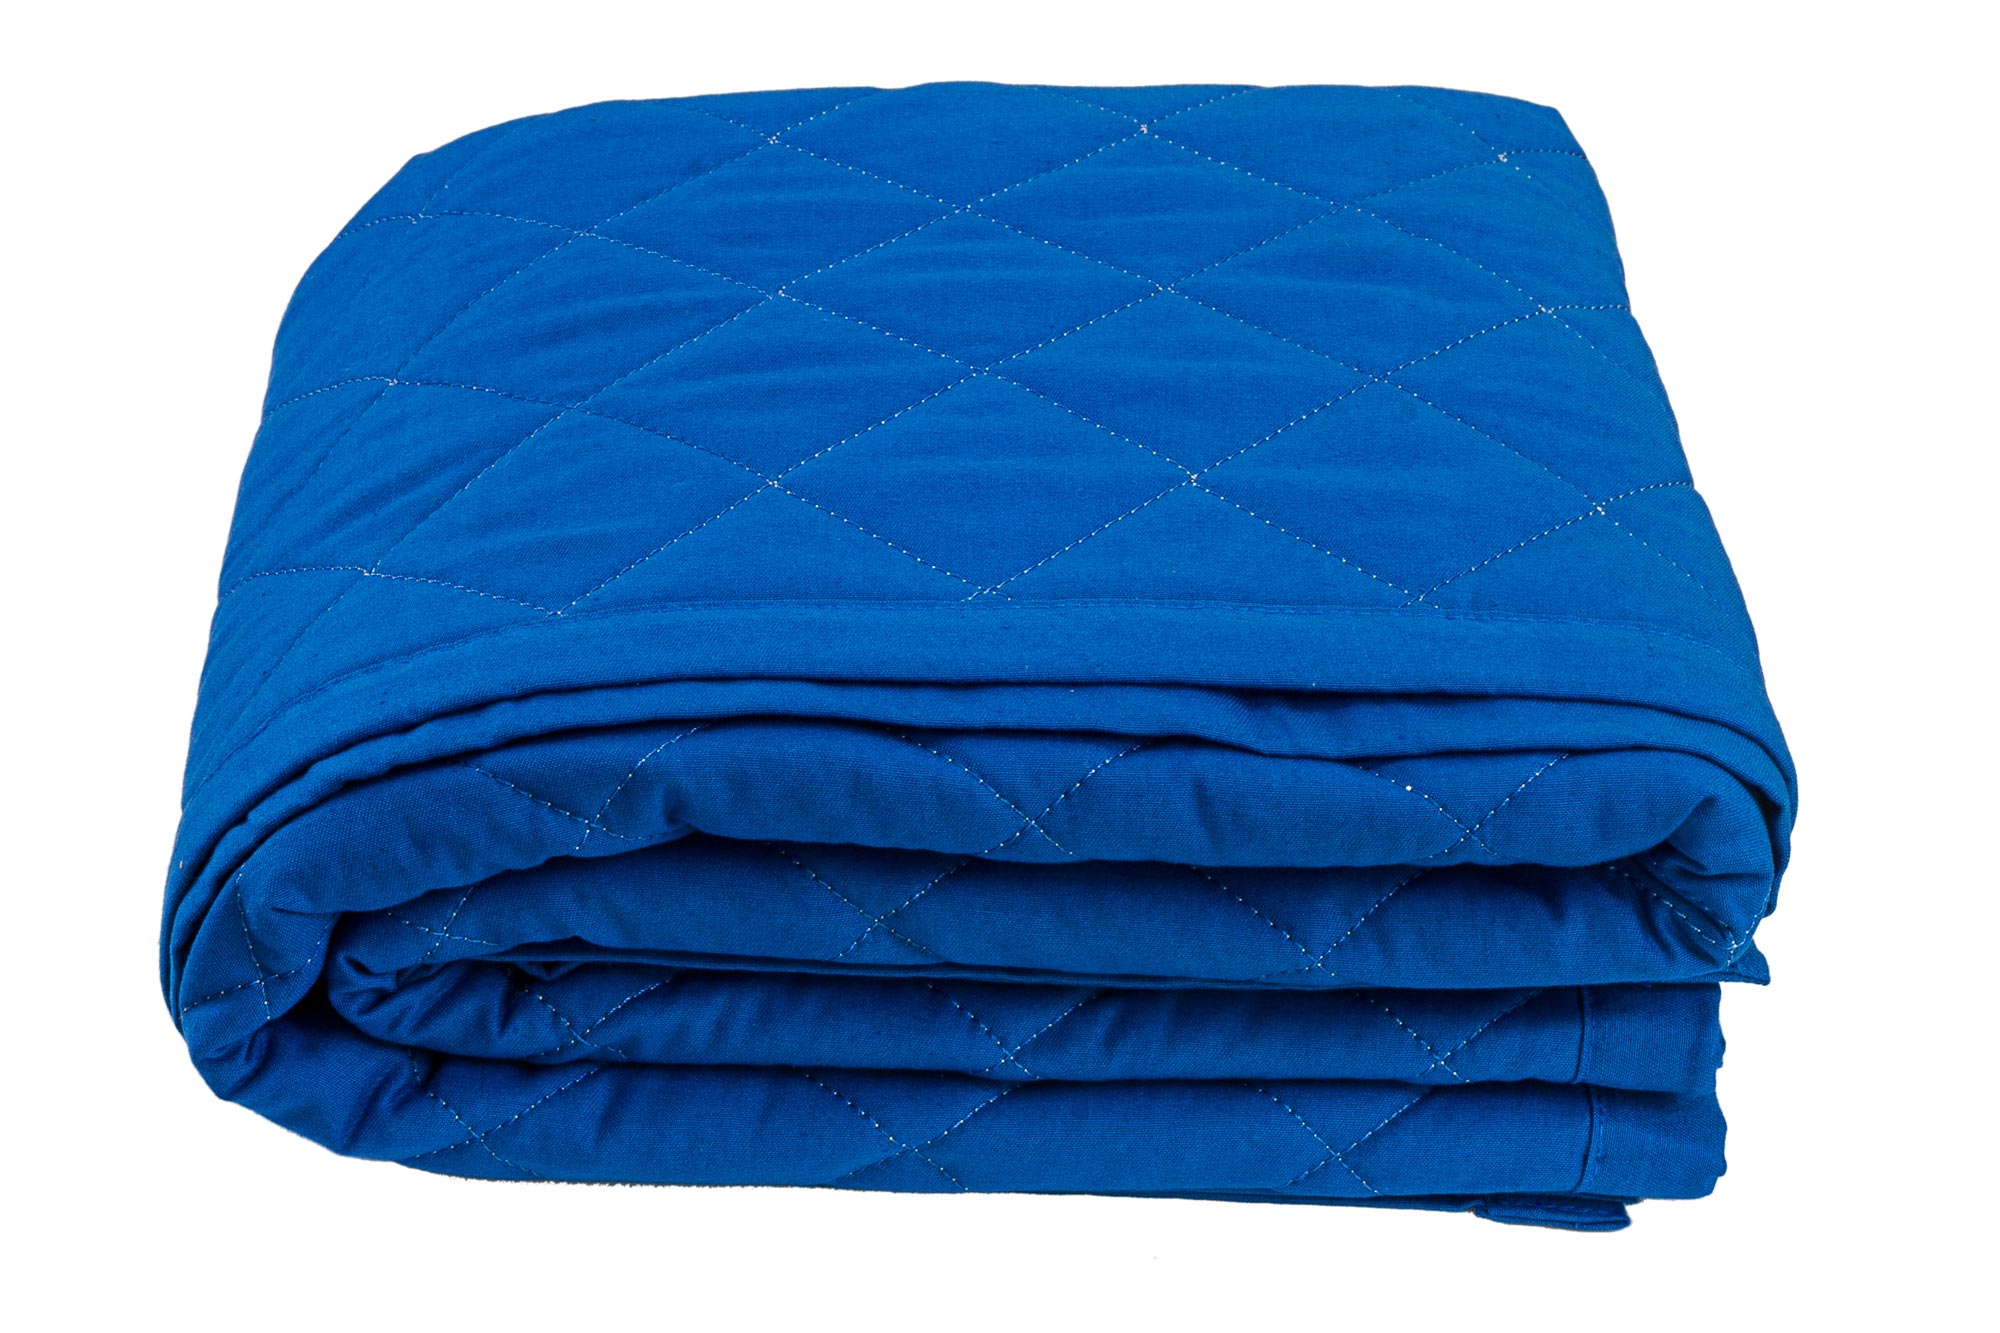 Colcha mini cama azul clássico e verde água